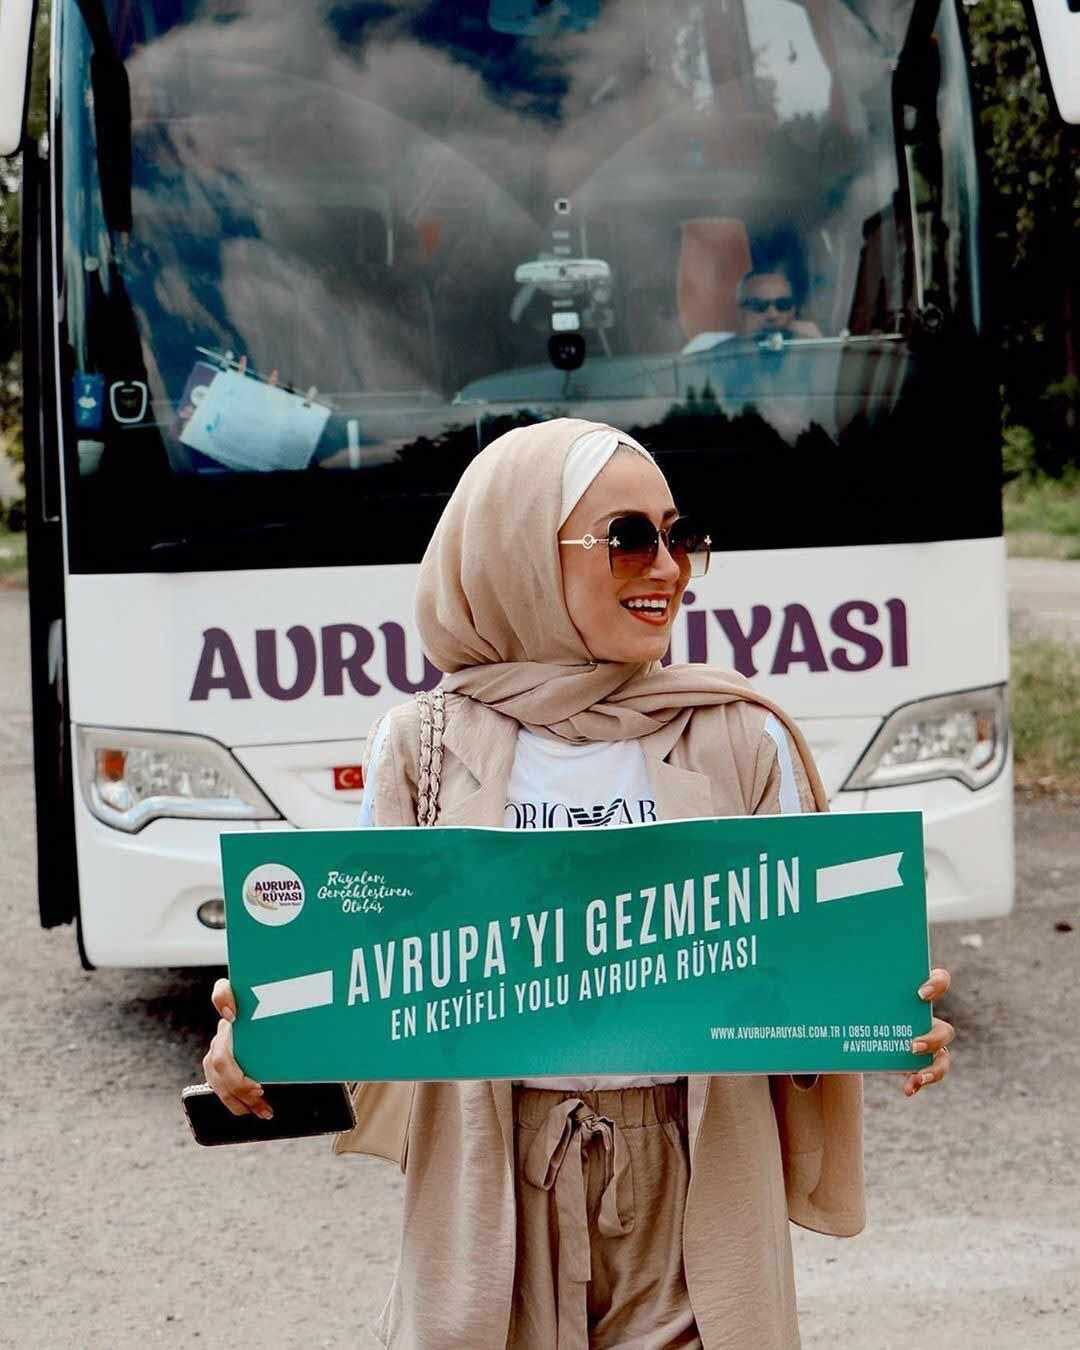 Avrupa rüyası, otobüsle Avrupa turu, otobüsle Avrupa turu 2020